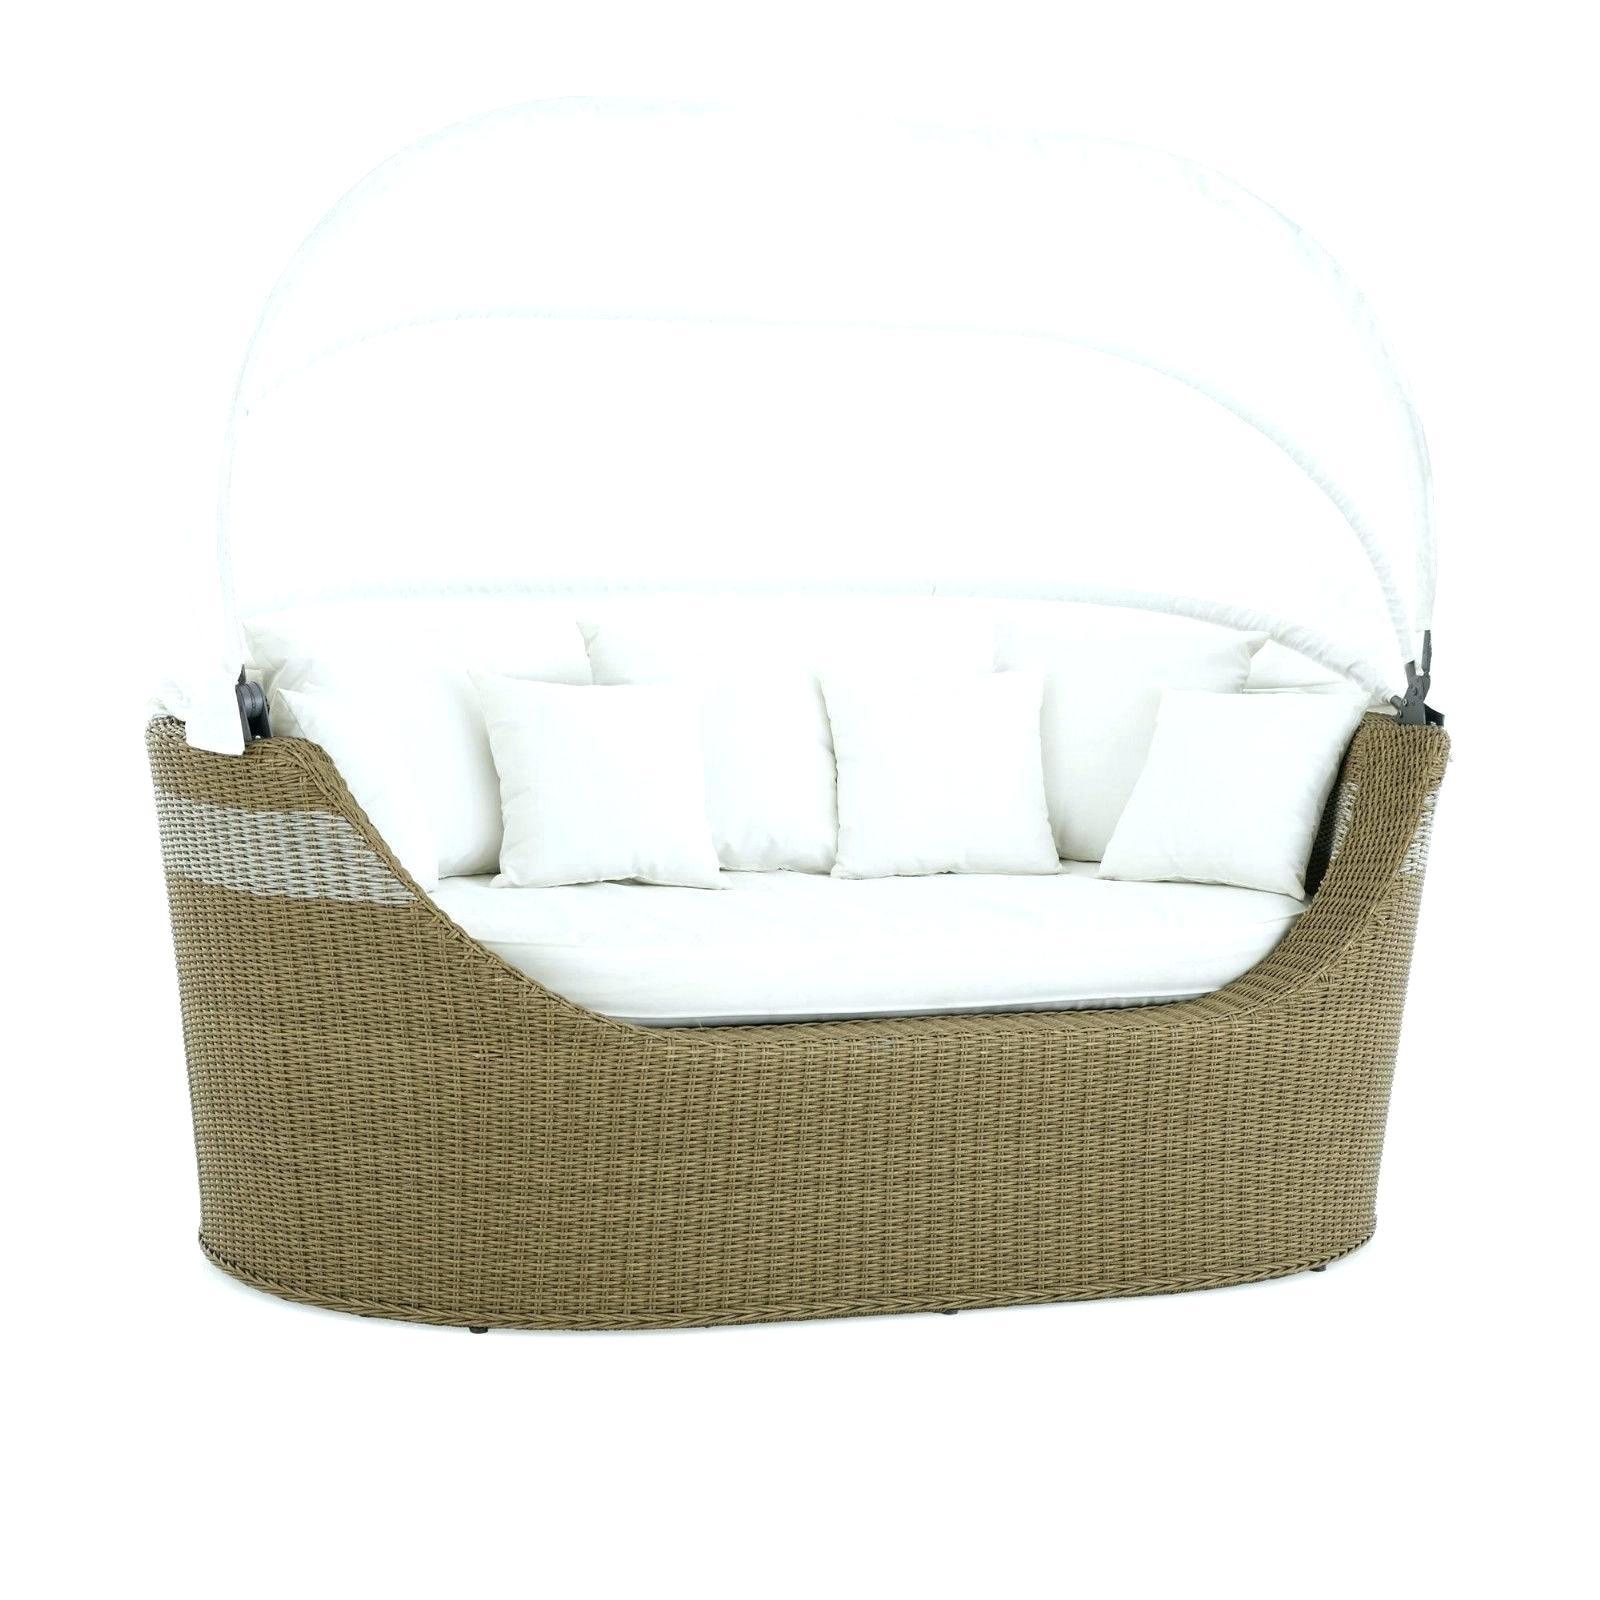 gartenmobel xxl sonneninsel rattan poly sonnenliege strandkorb garten 230 cm lounge gebraucht kaufen gunstig abdeckung lutz abverkauf